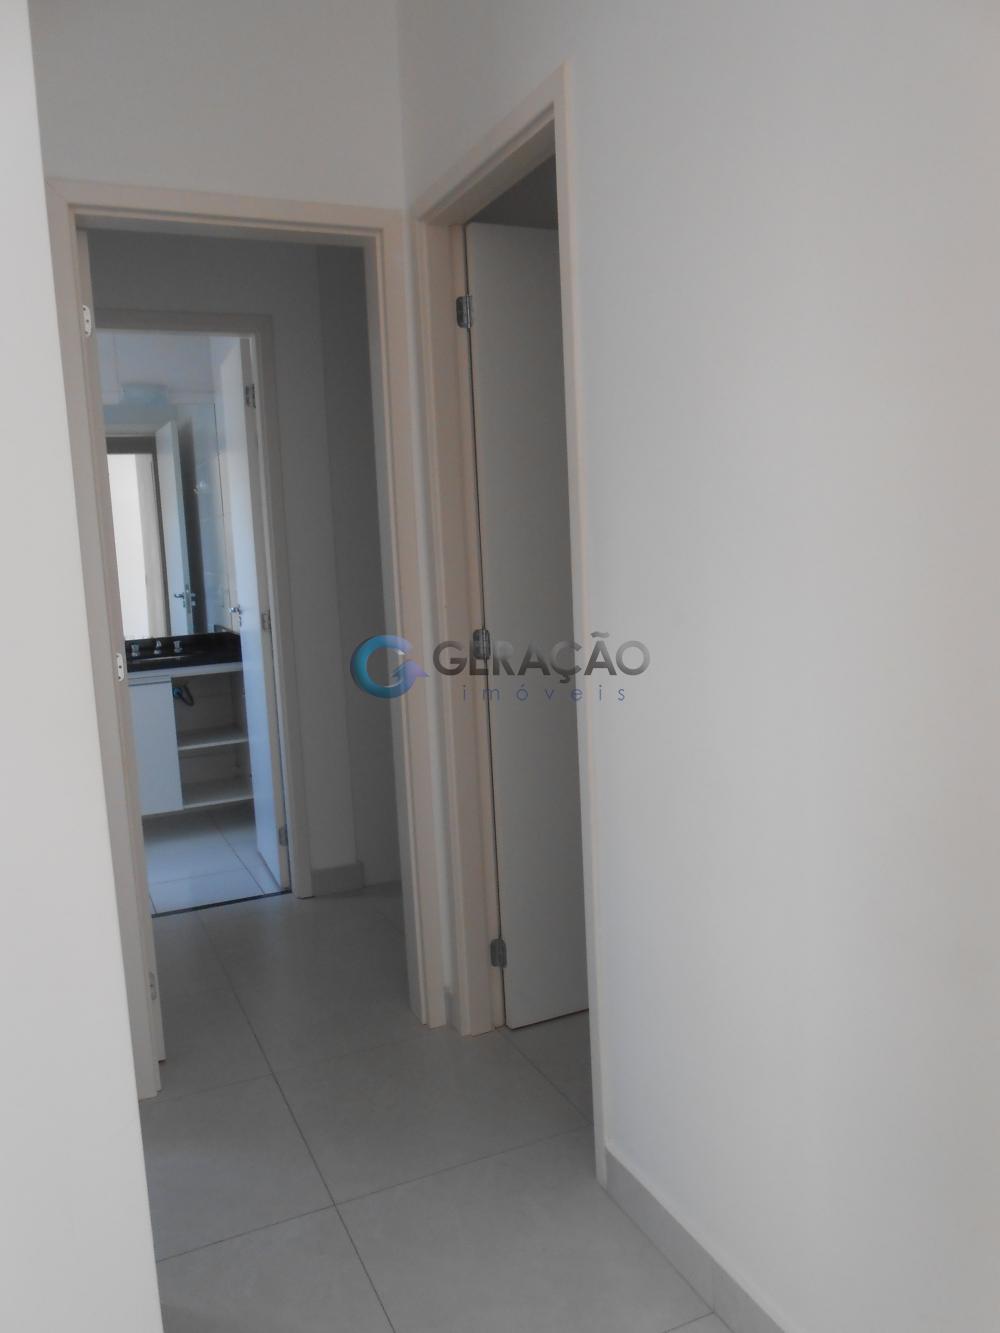 Alugar Apartamento / Padrão em São José dos Campos R$ 1.900,00 - Foto 15